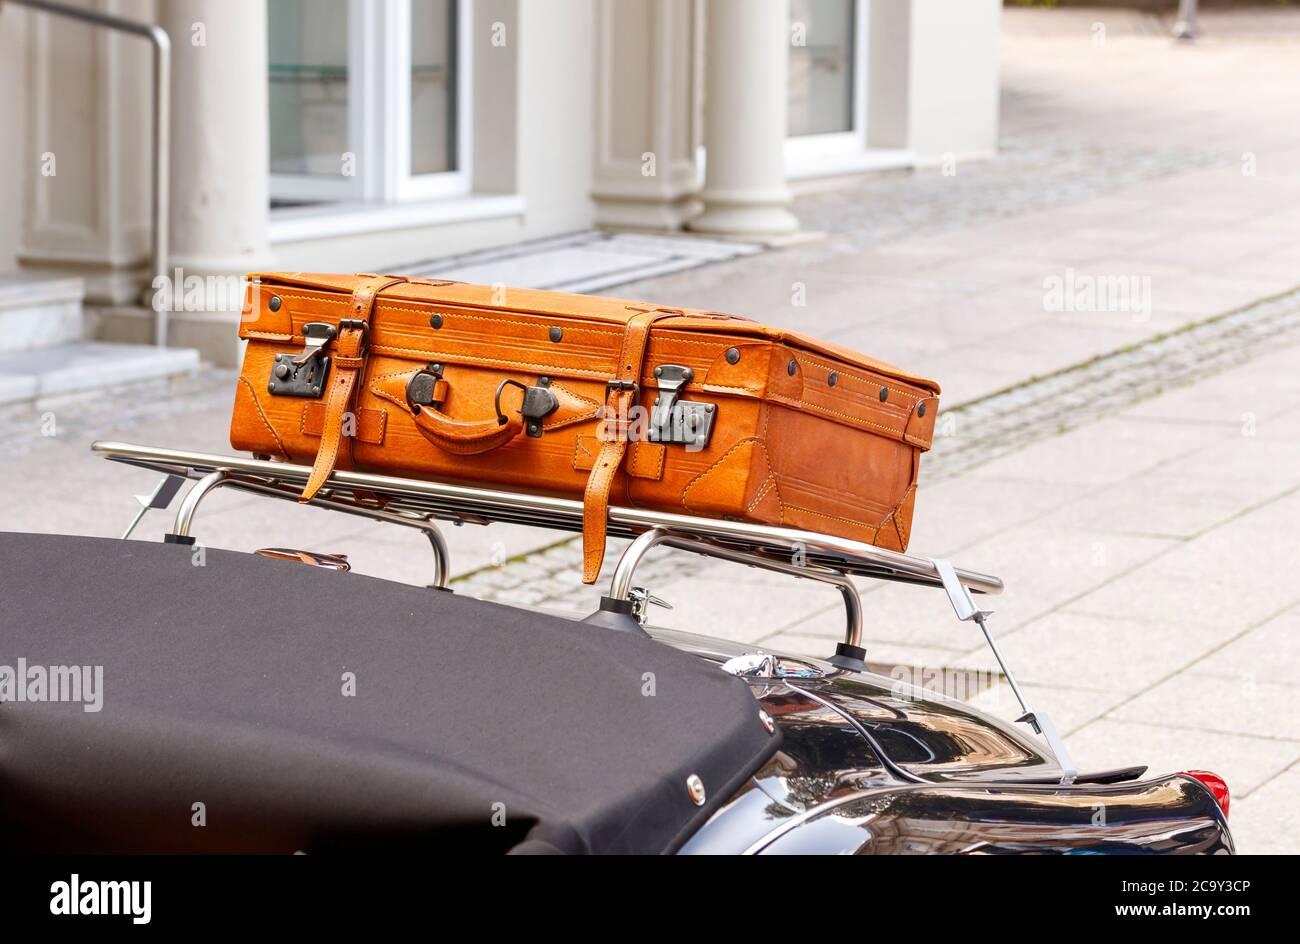 Valise en cuir sur un porte-bagages Banque D'Images